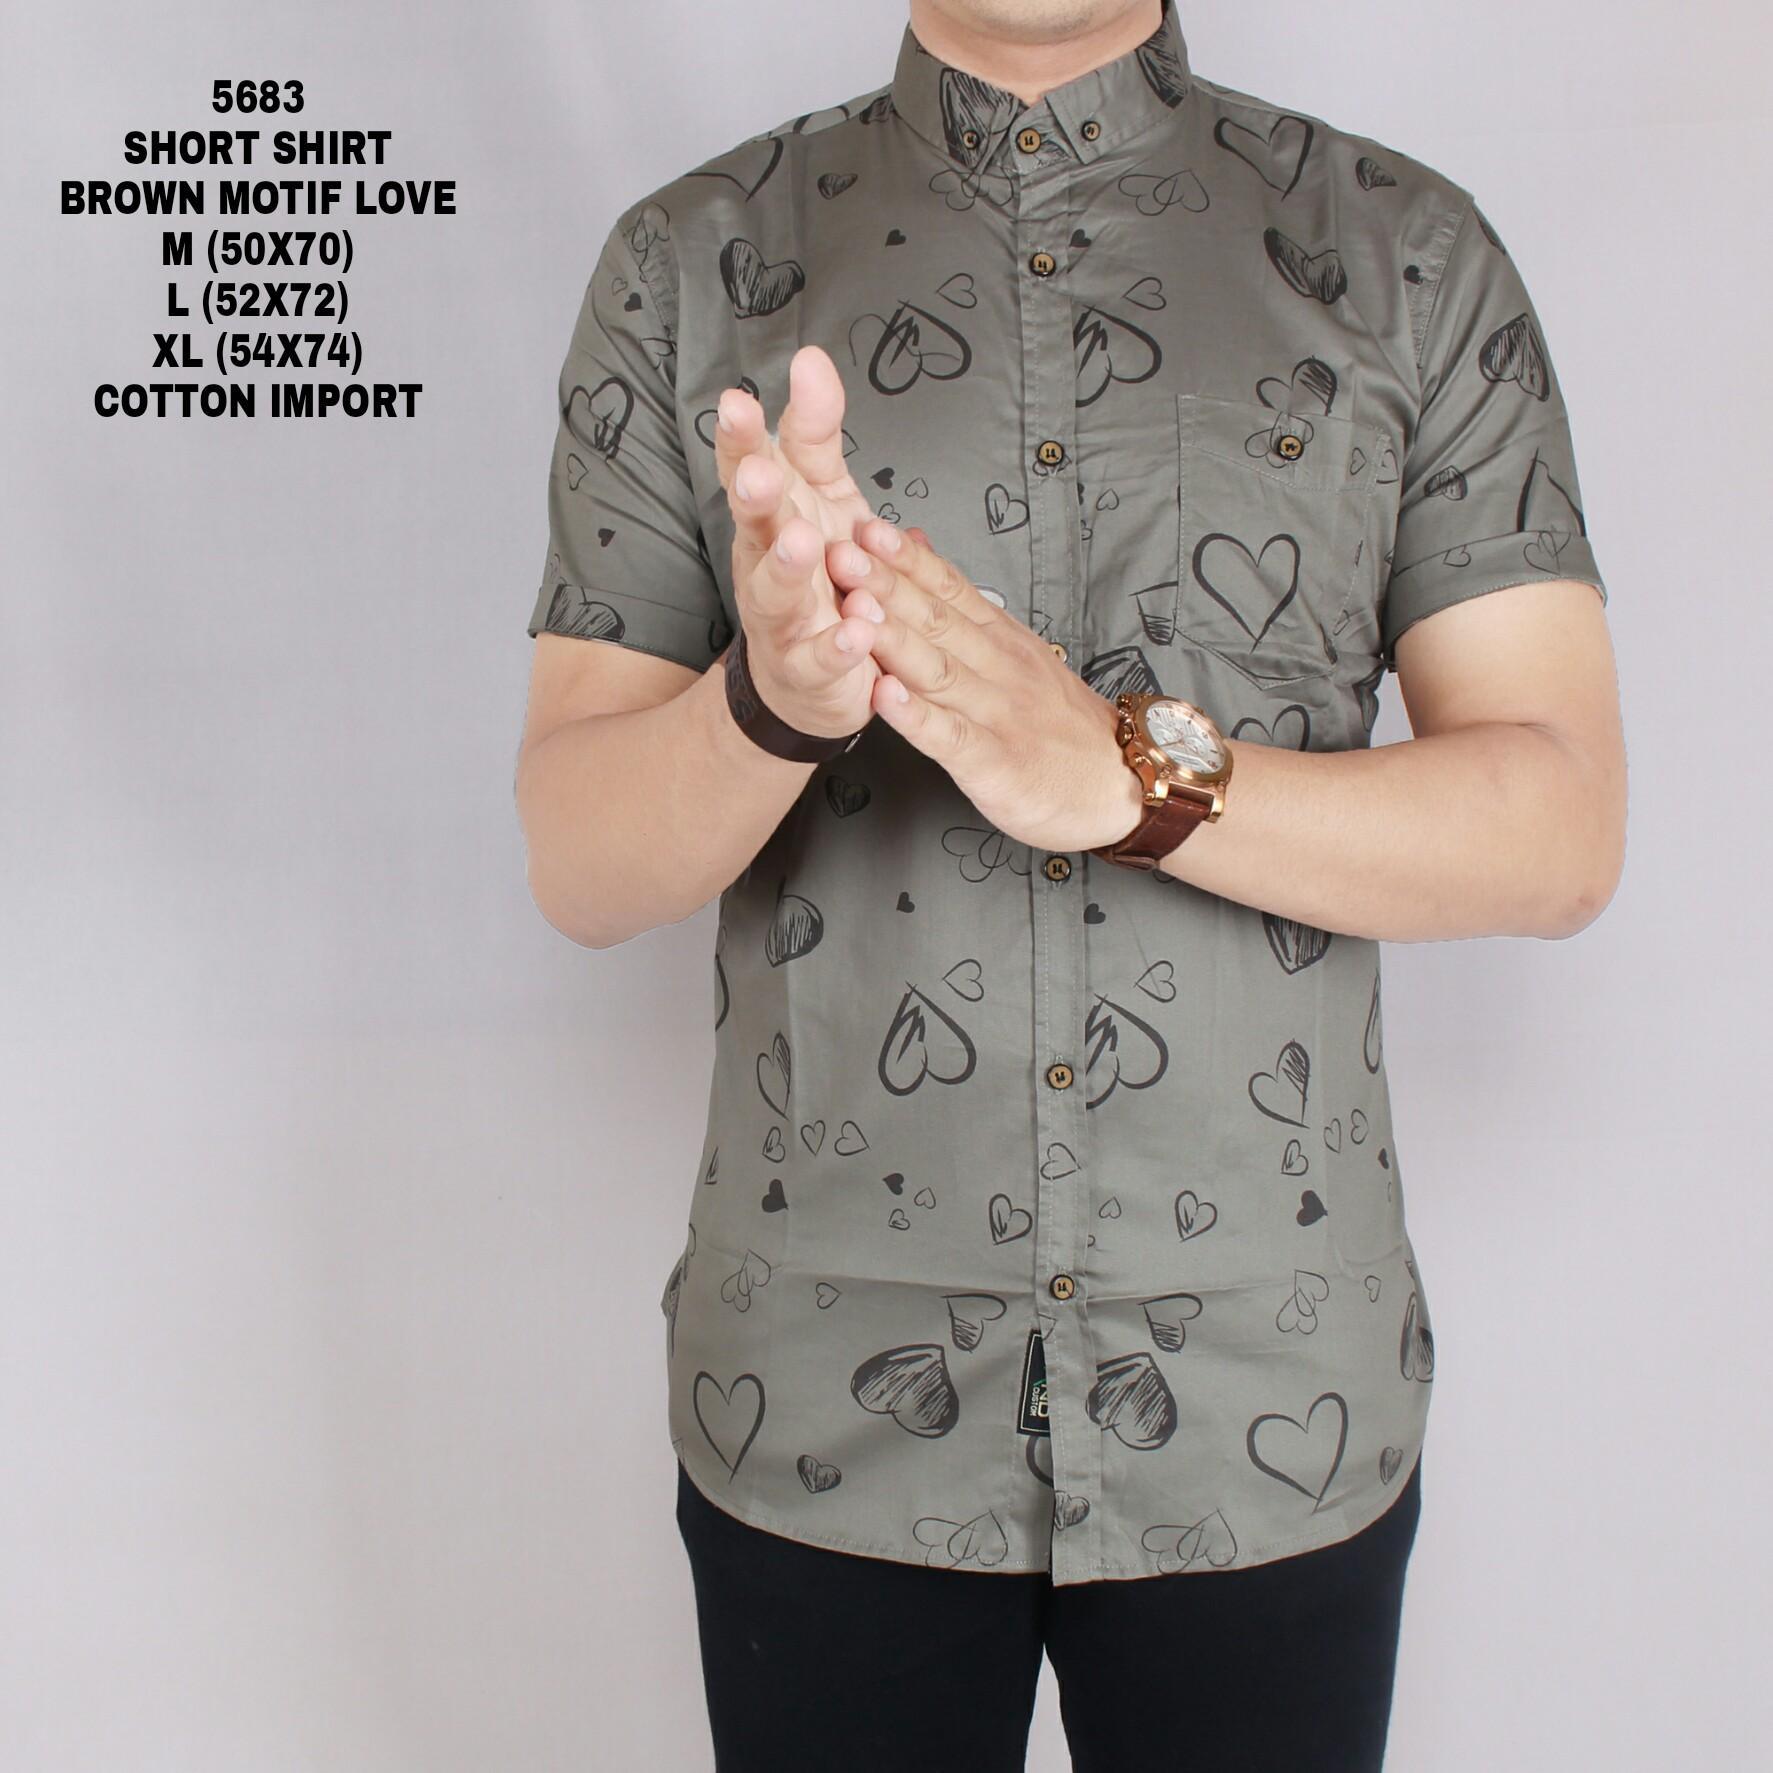 Cek Harga Baru Zoeystore1 5577 Kemeja Polos Pria Lengan Pendek Kaos Haji Umrah Exclusive 5683 Printing Baju Print Cowok Kerja Kantoran Formal